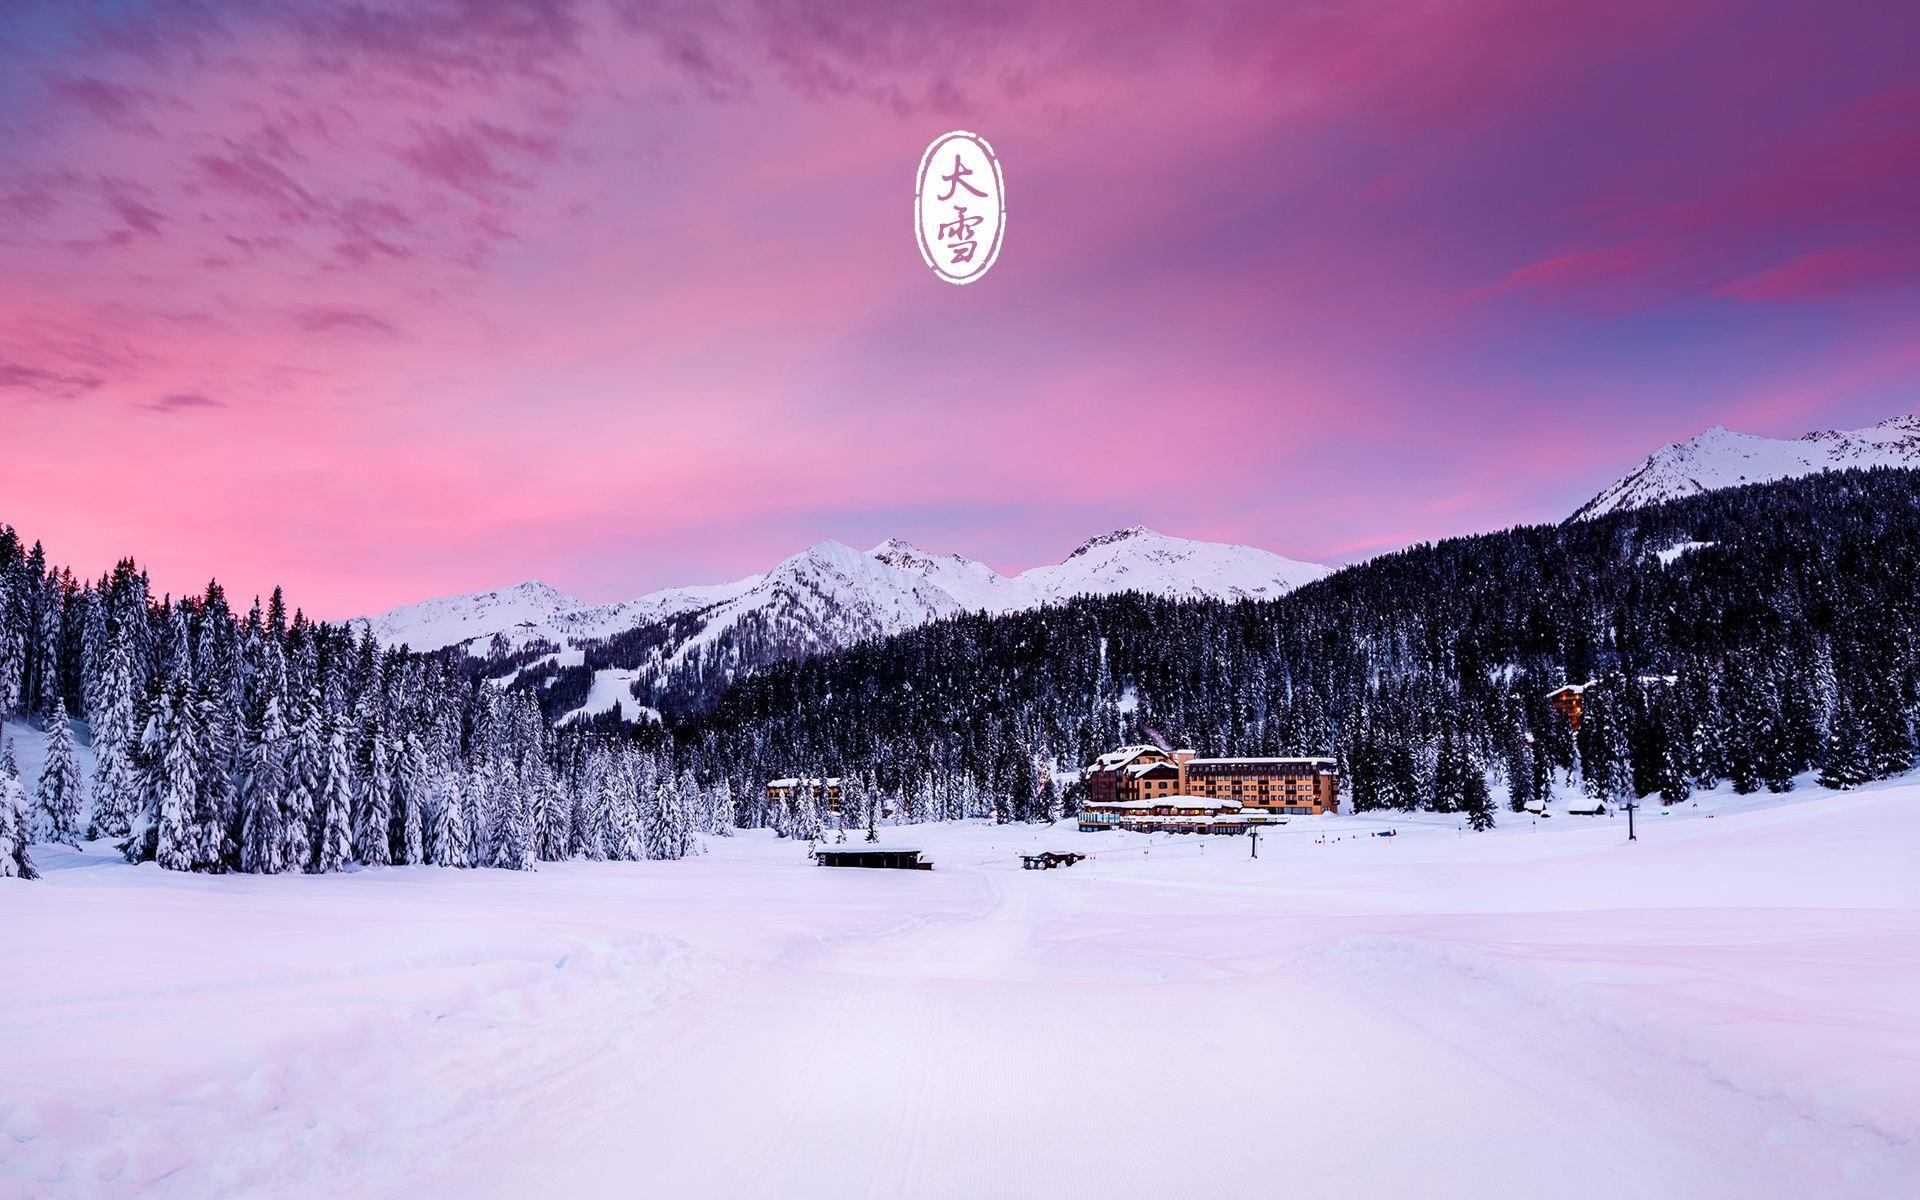 道医养生笔记丨大雪:保暖防寒湿,瑞雪兆丰年